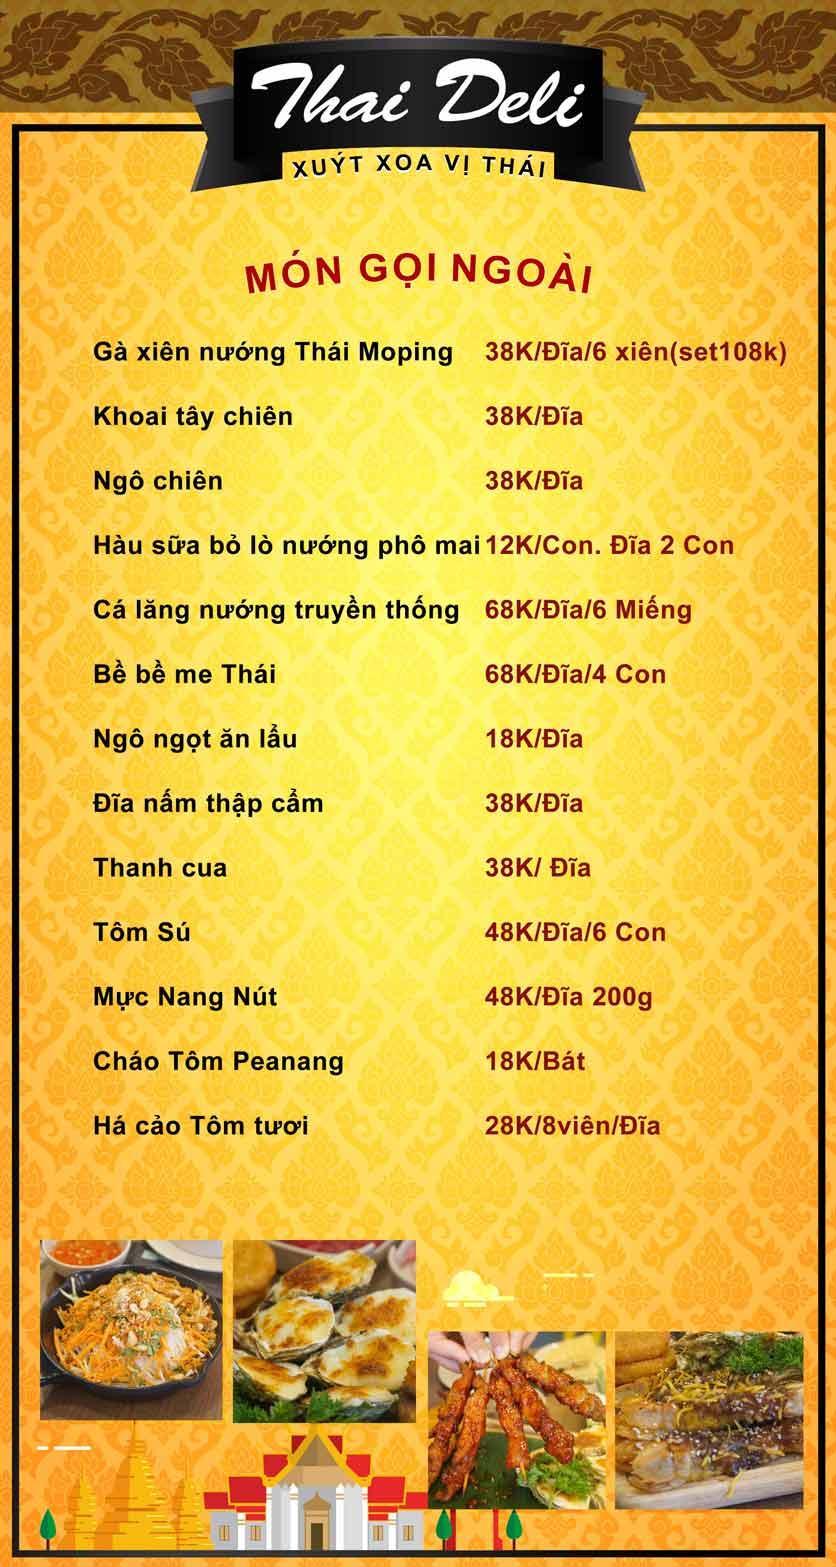 Menu Thai Deli - Buffet Lẩu Thái Hải Sản - Vũ Ngọc Phan 3